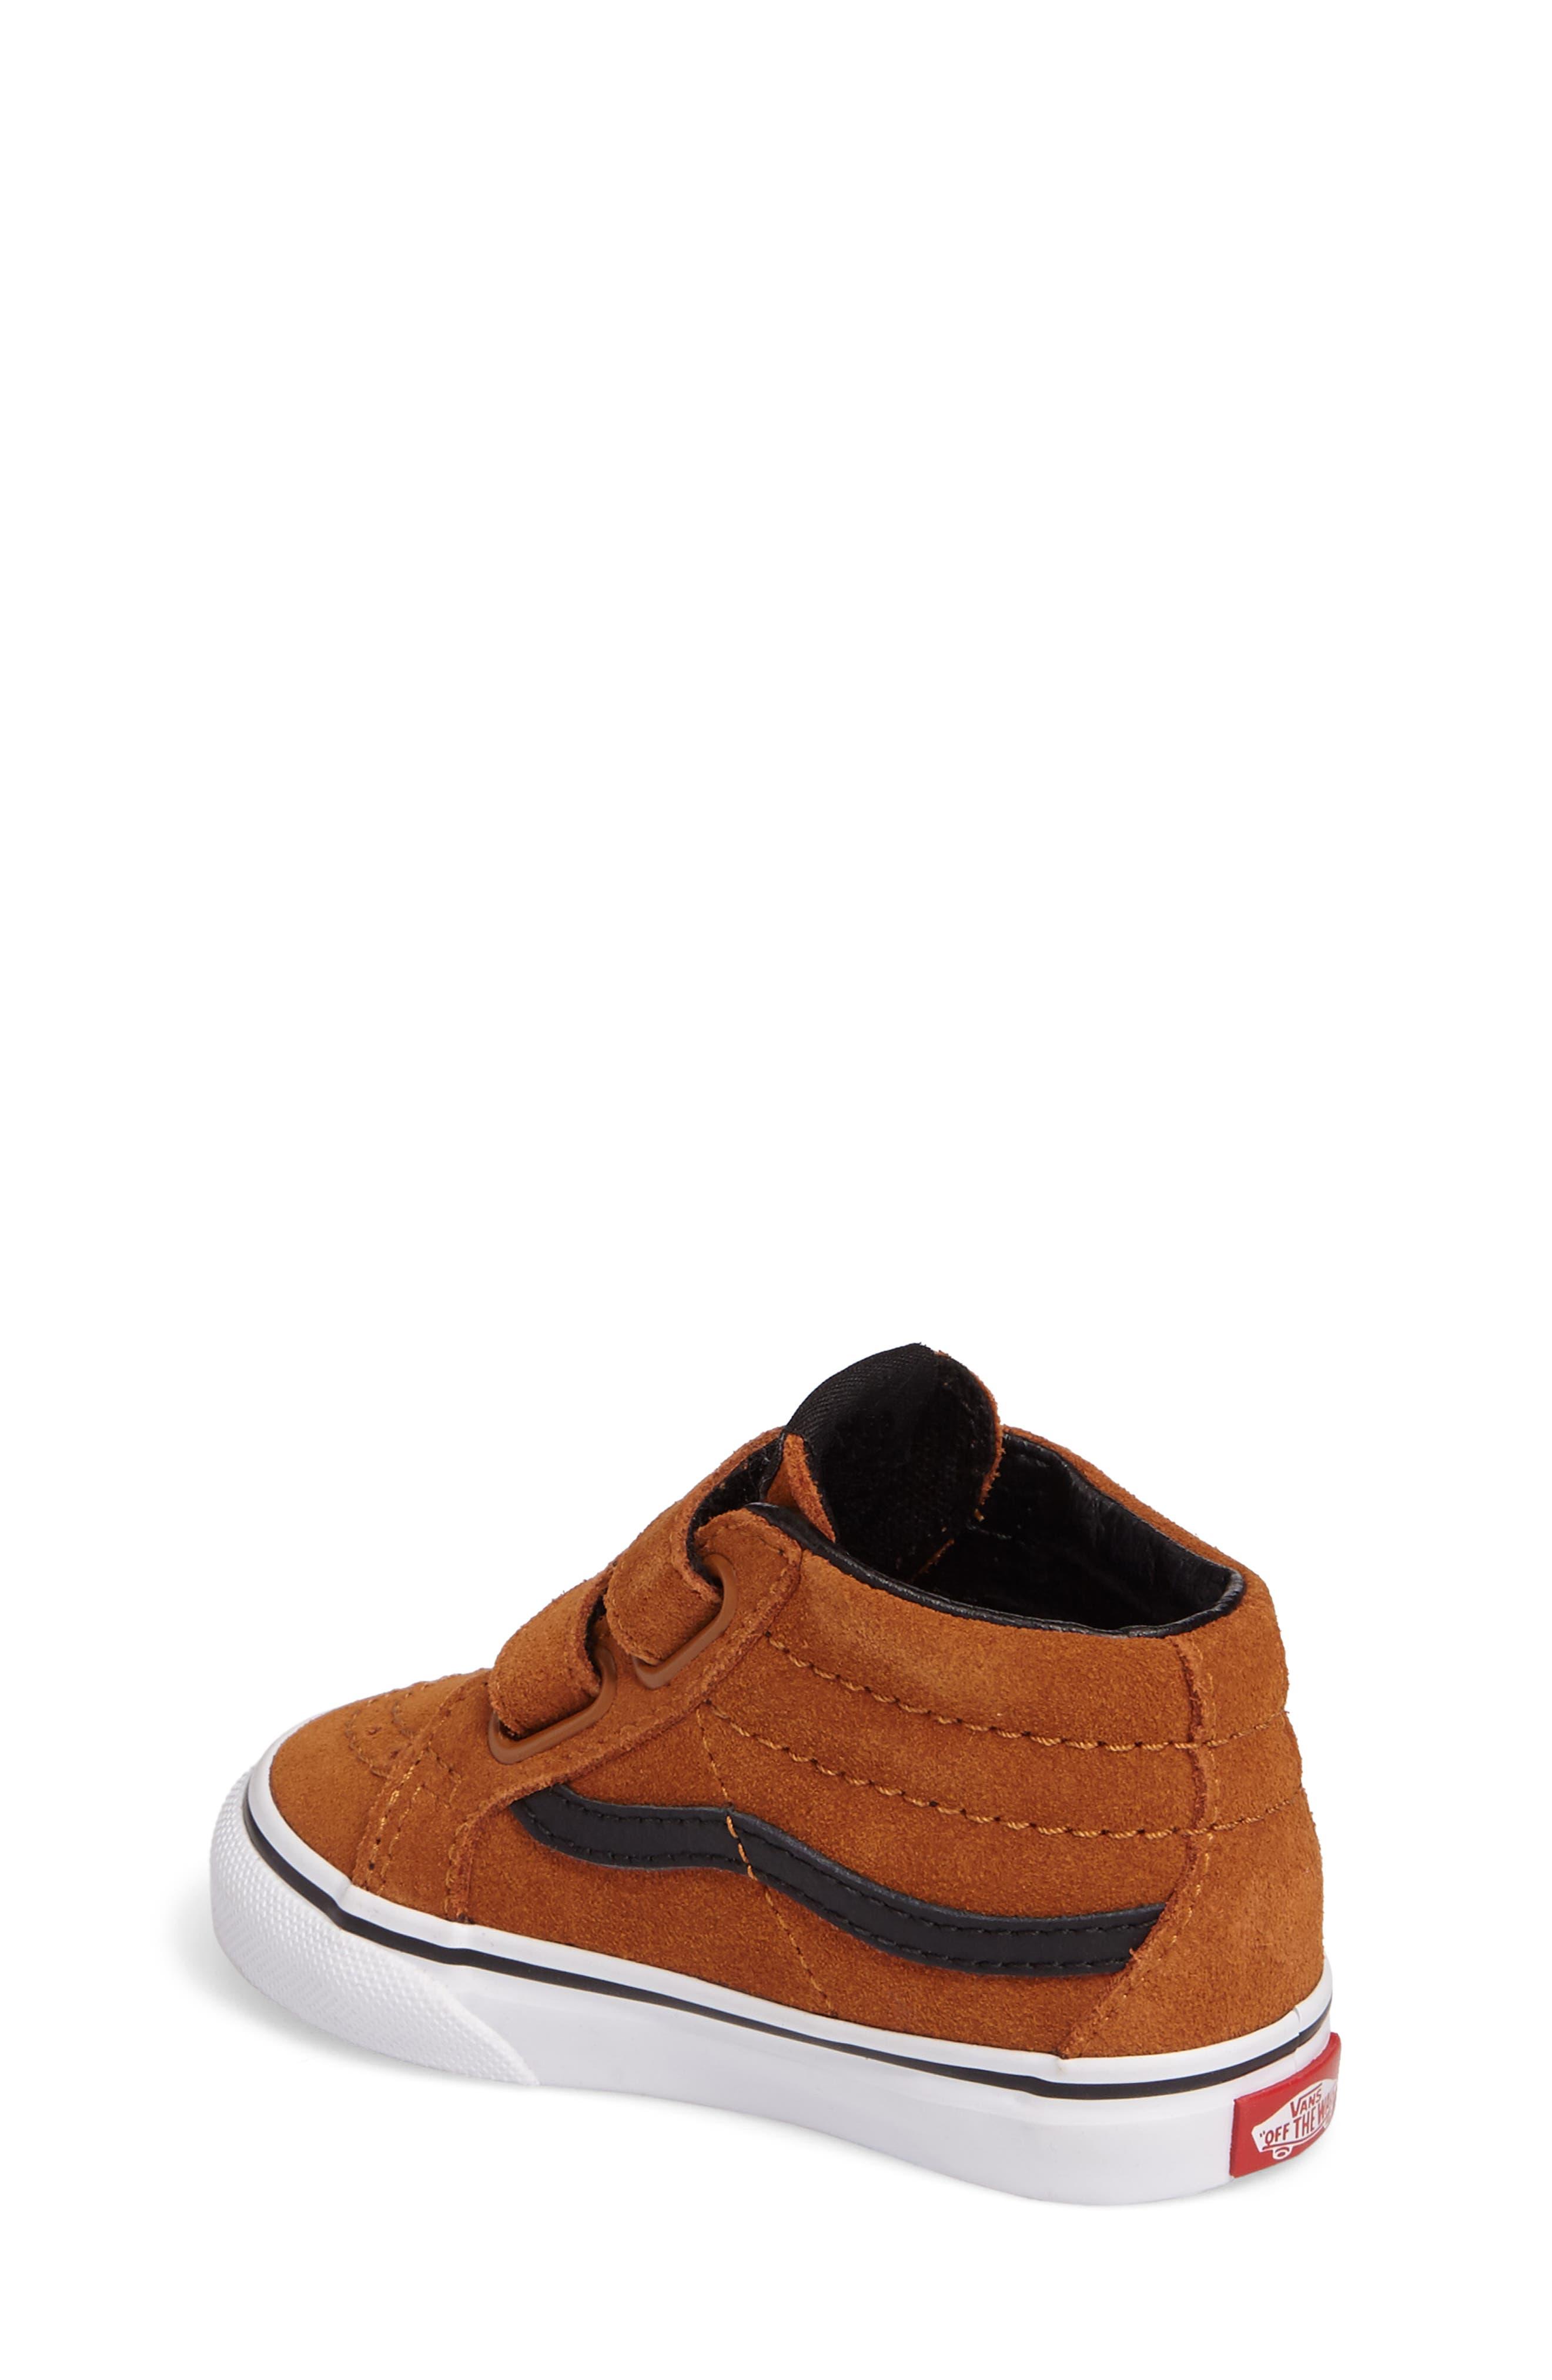 SK8-Mid Reissue Sneaker,                             Alternate thumbnail 2, color,                             200